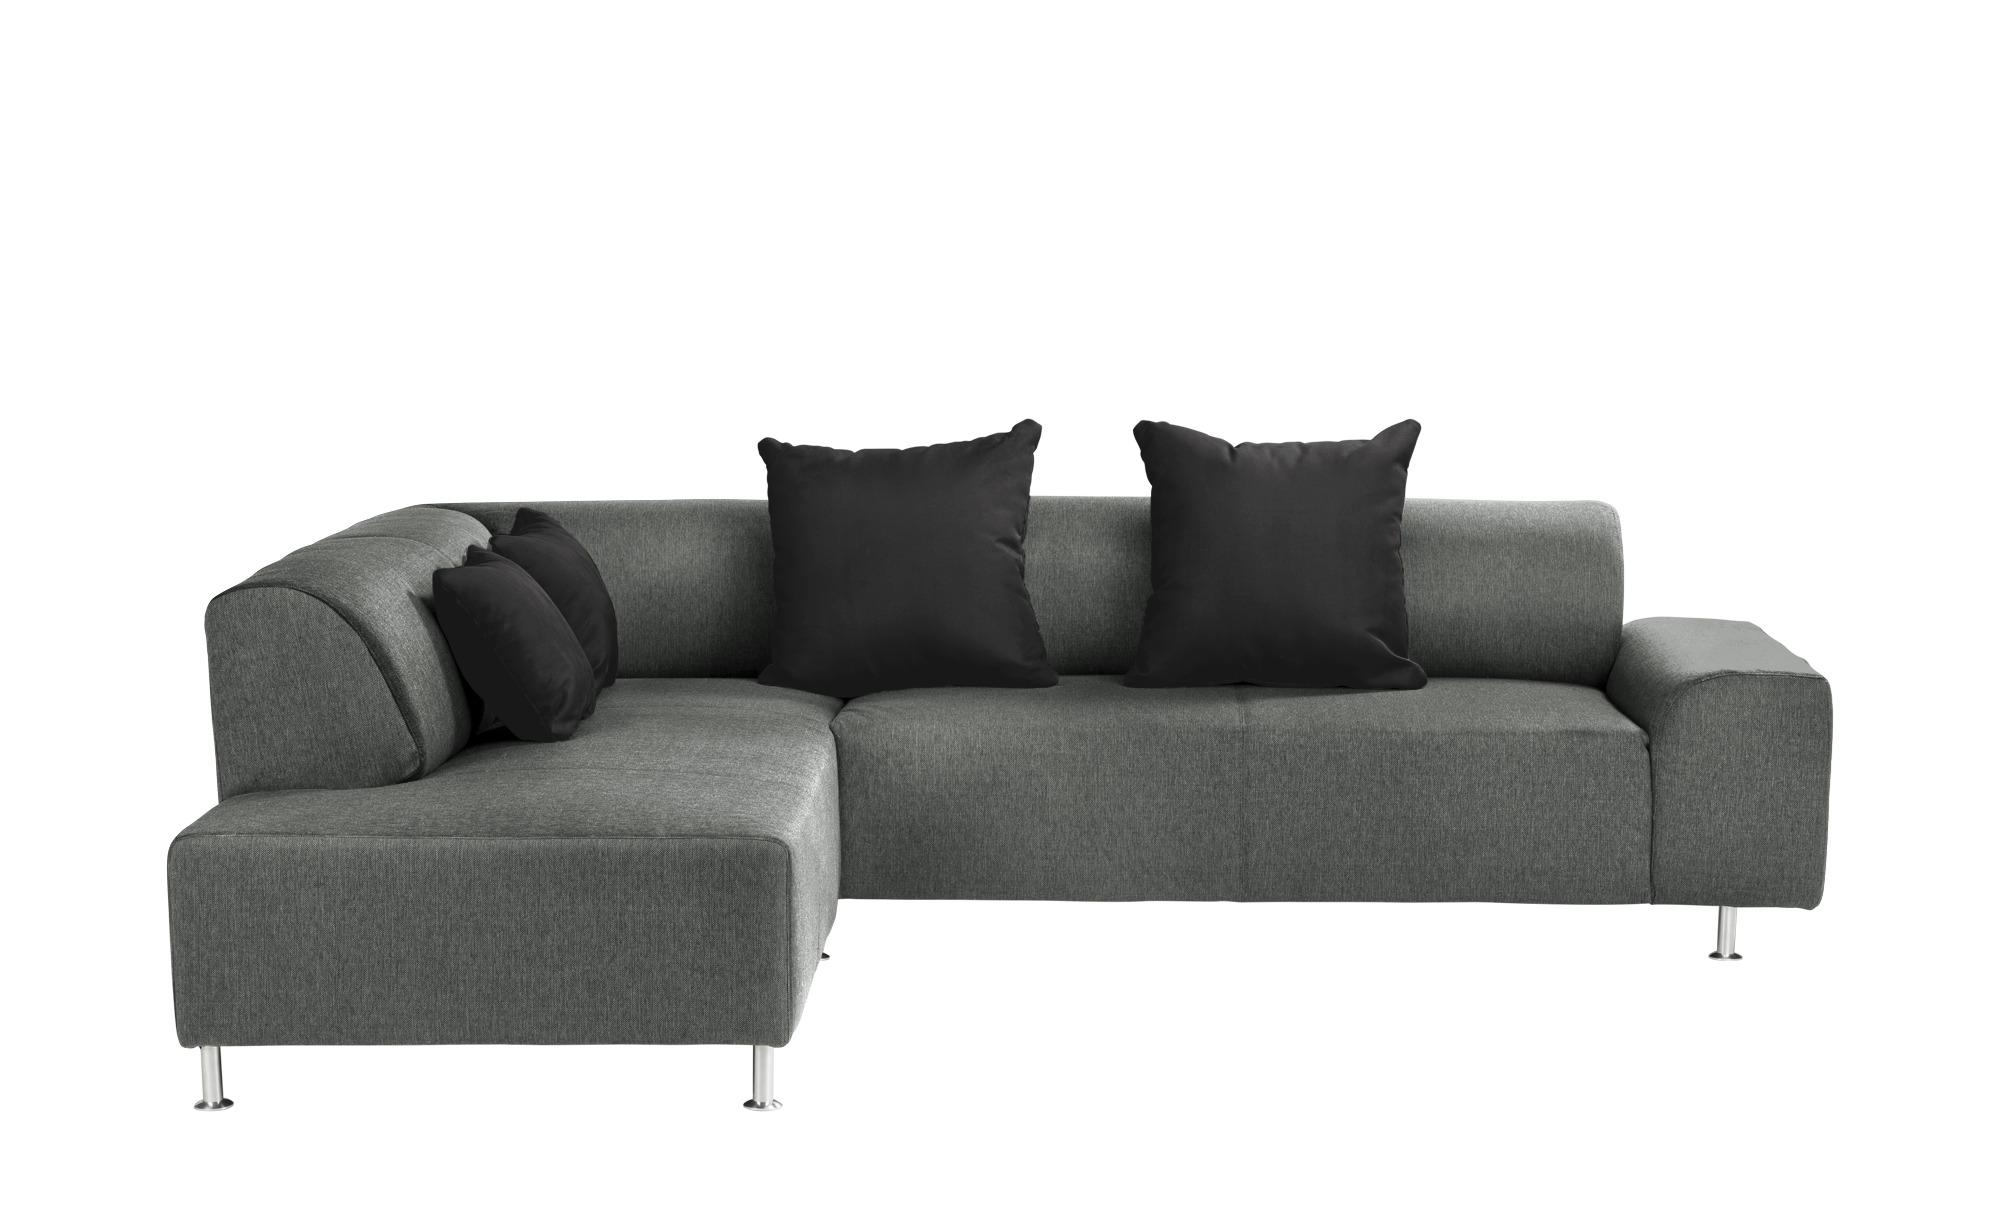 Switch ecksofa stoff livia breite h he 75 cm online for Ecksofa breite 200 cm